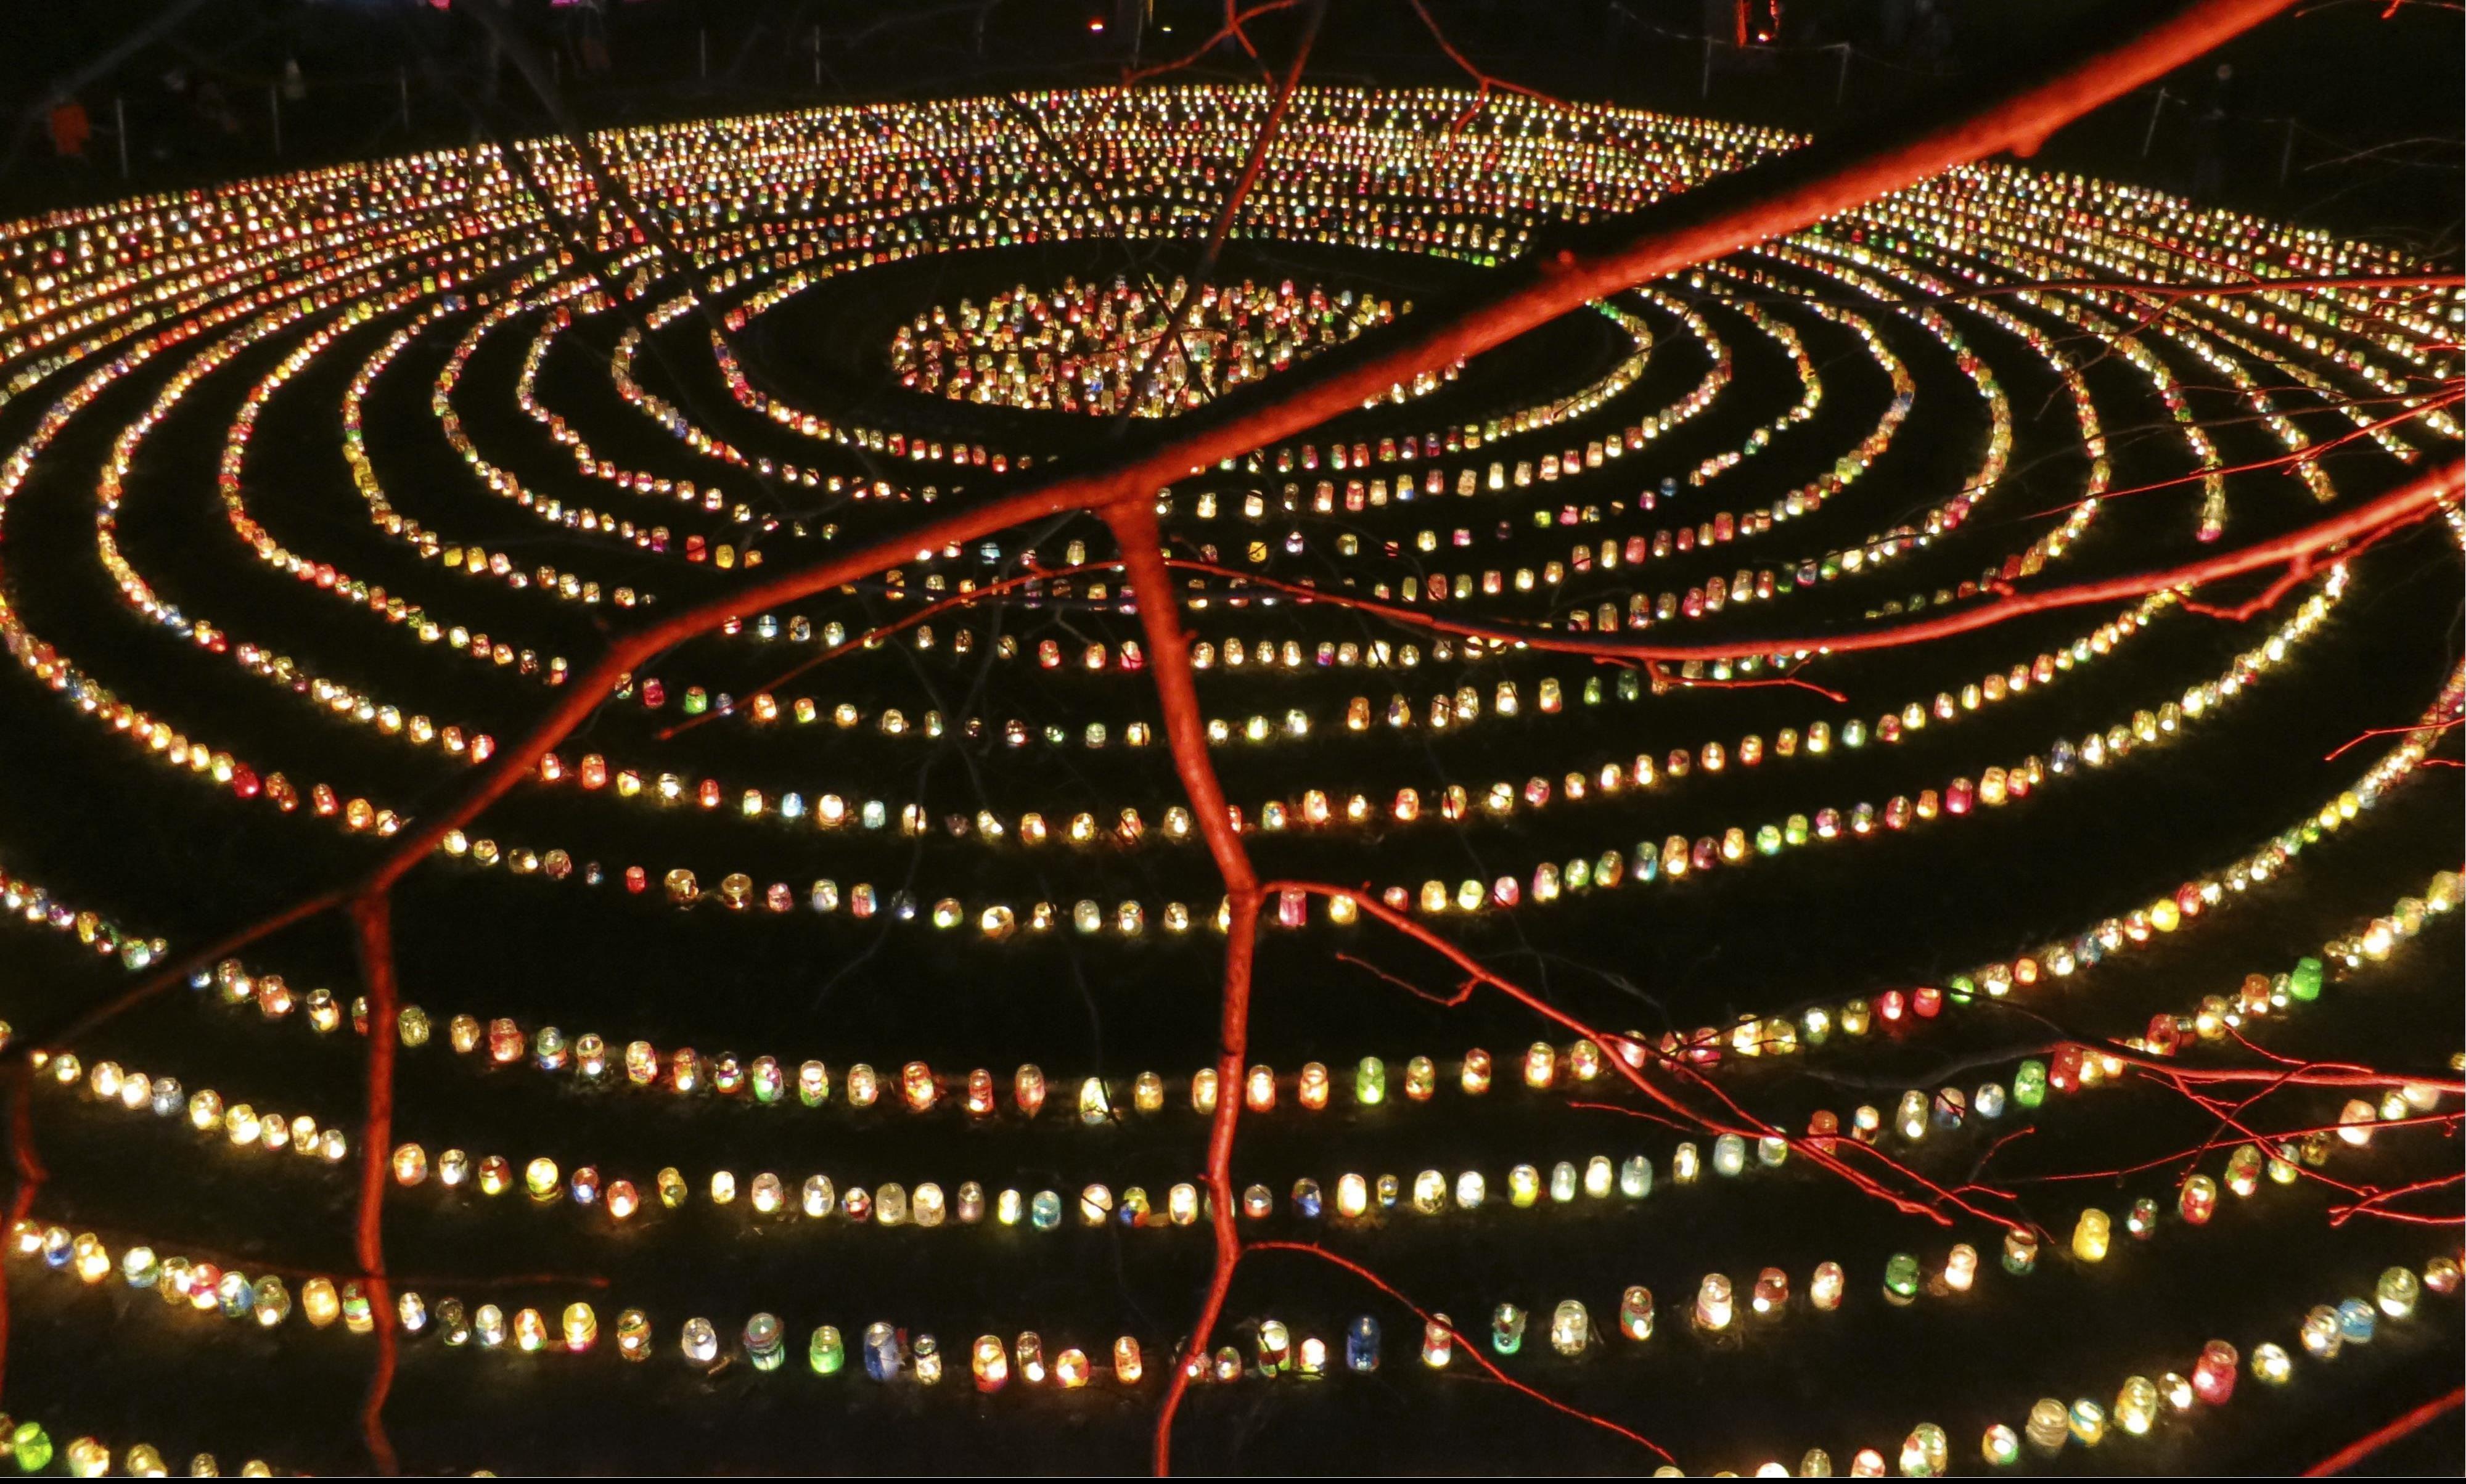 Tausende von Laternen